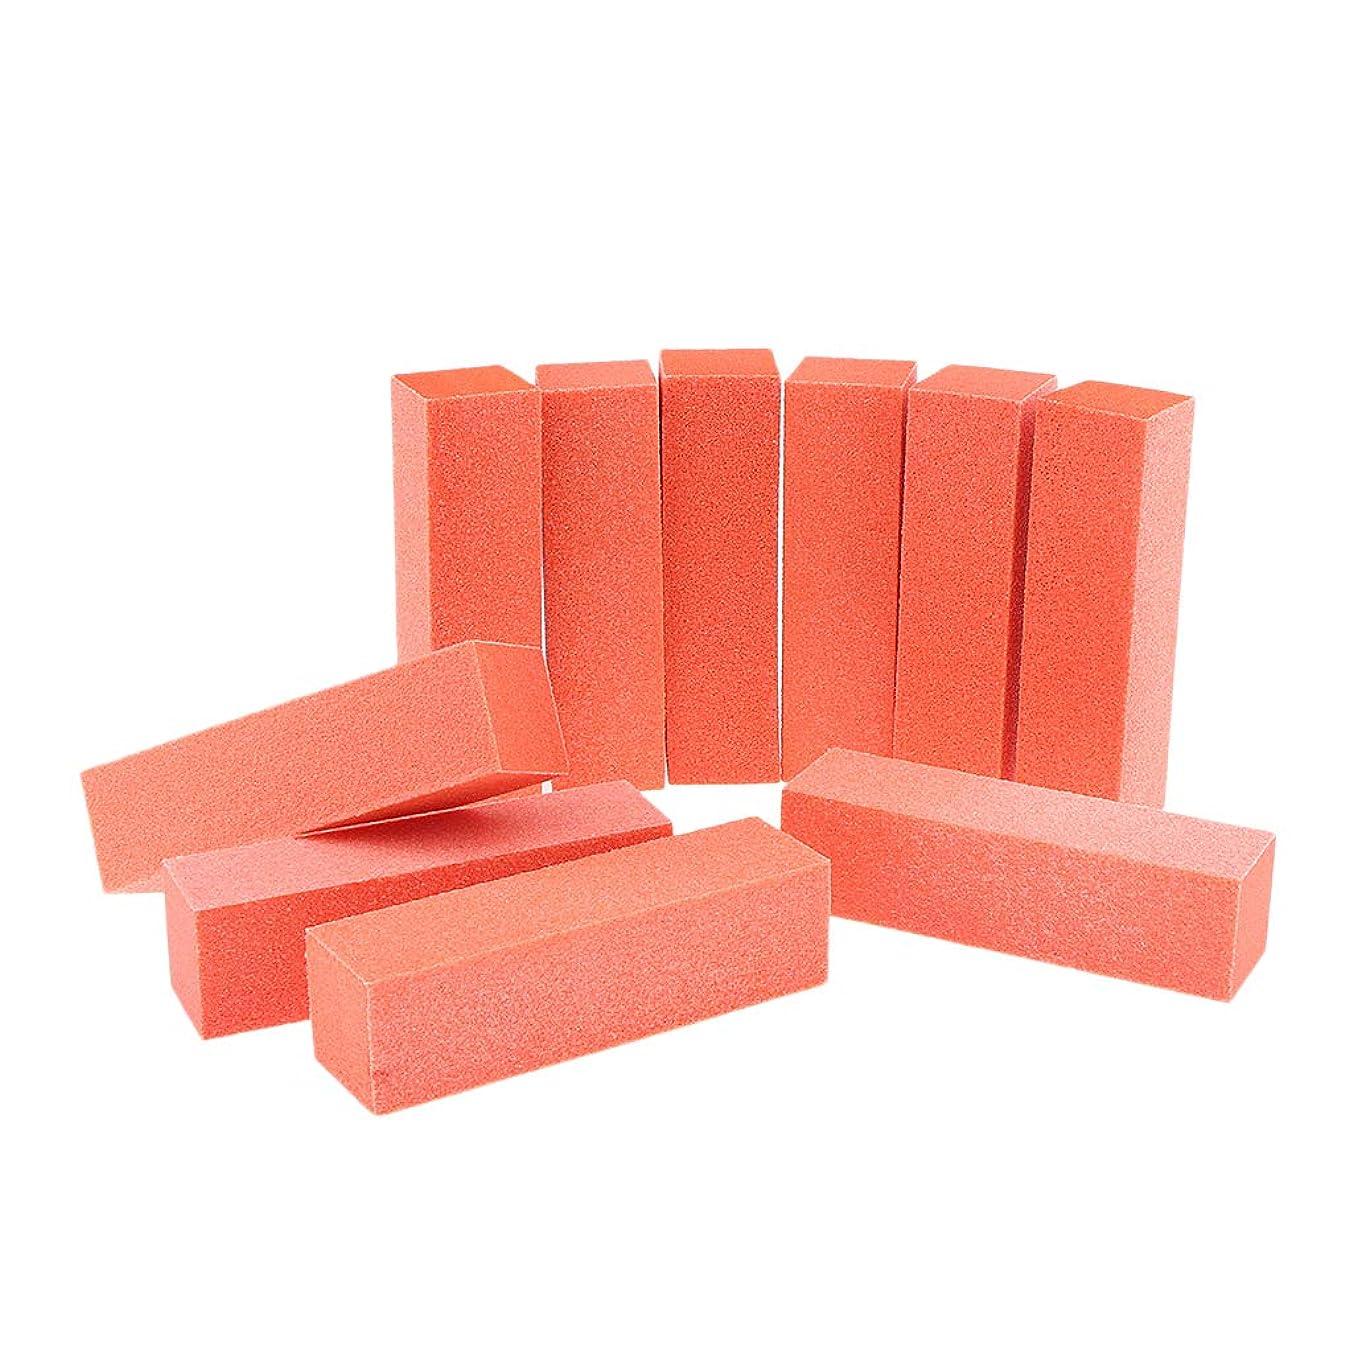 シュリンクアクティブ領収書10個 ネイルファイル ネイルアート バッファーファイル ブロック マニキュア 研磨 6色選べ - オレンジレッド